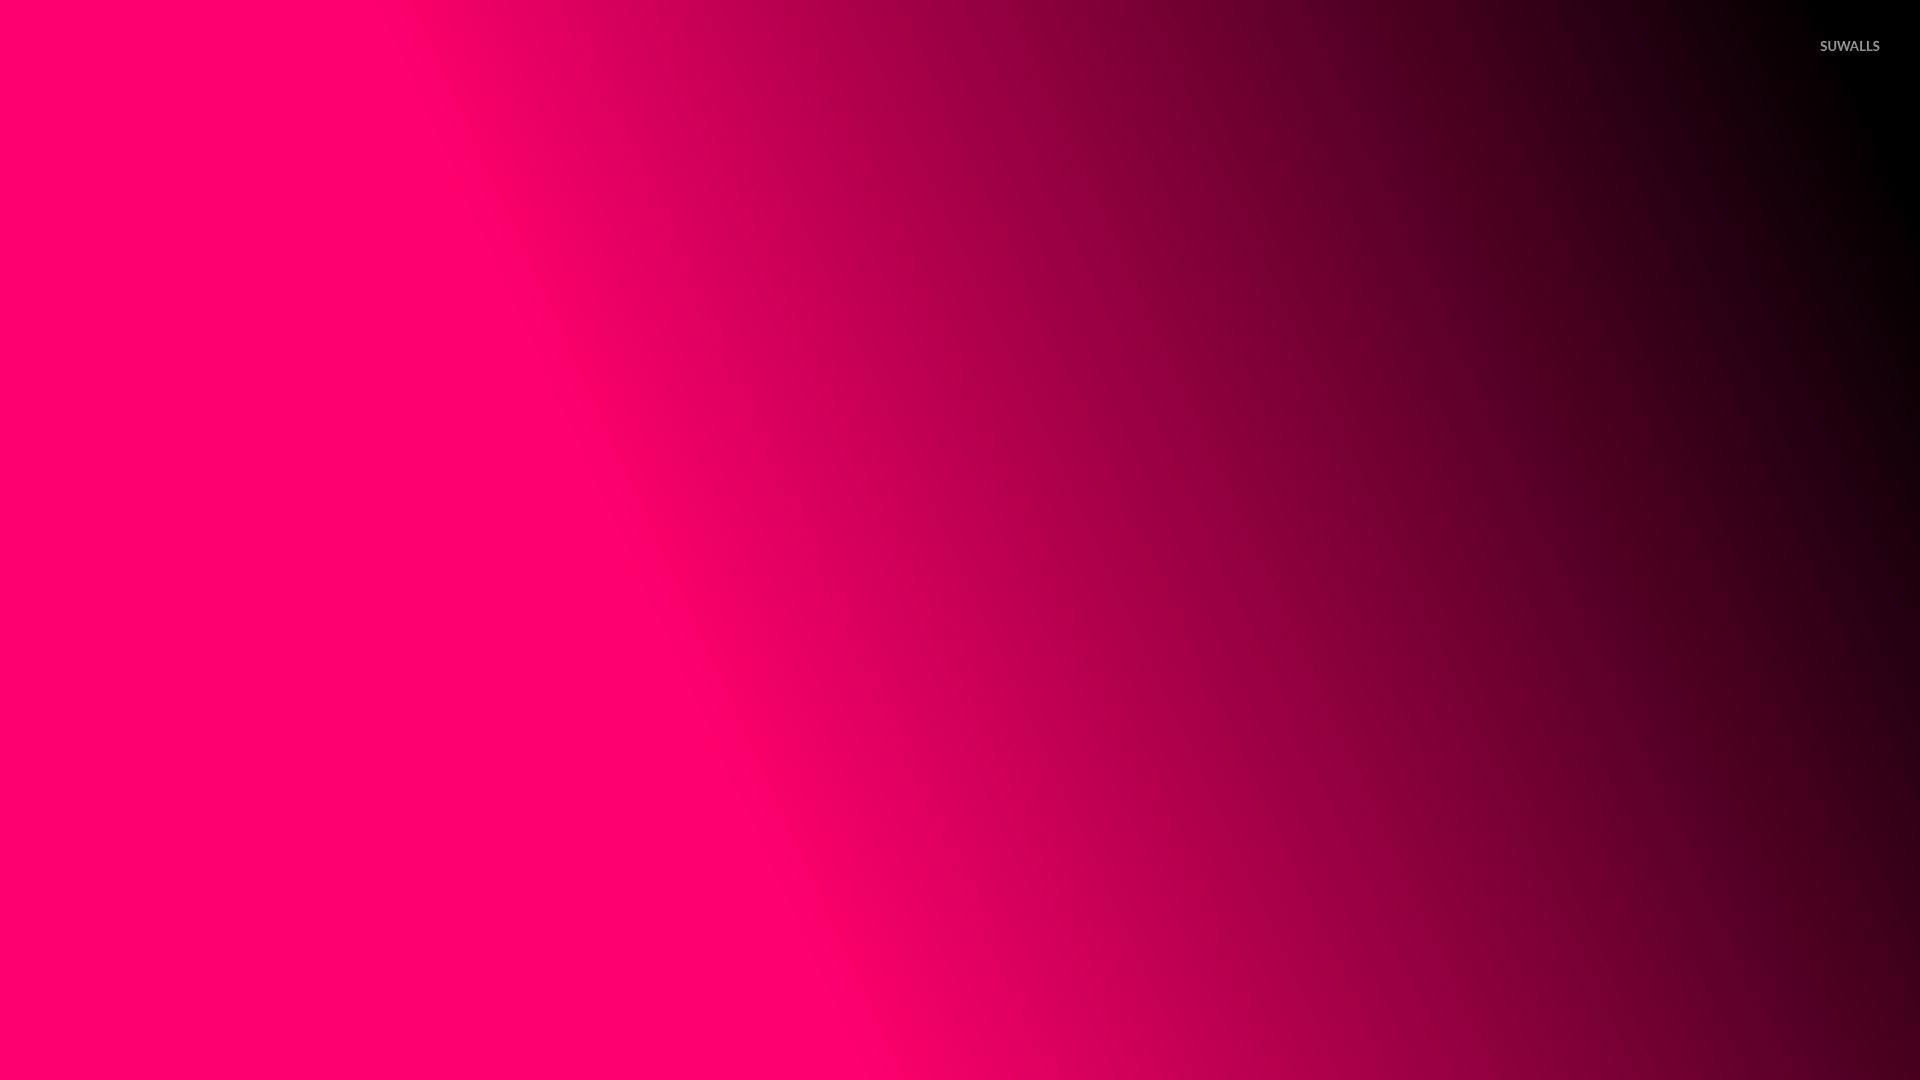 Game Of Thrones Quotes Desktop Wallpaper Pink Gradient 2 Wallpaper Minimalistic Wallpapers 25217